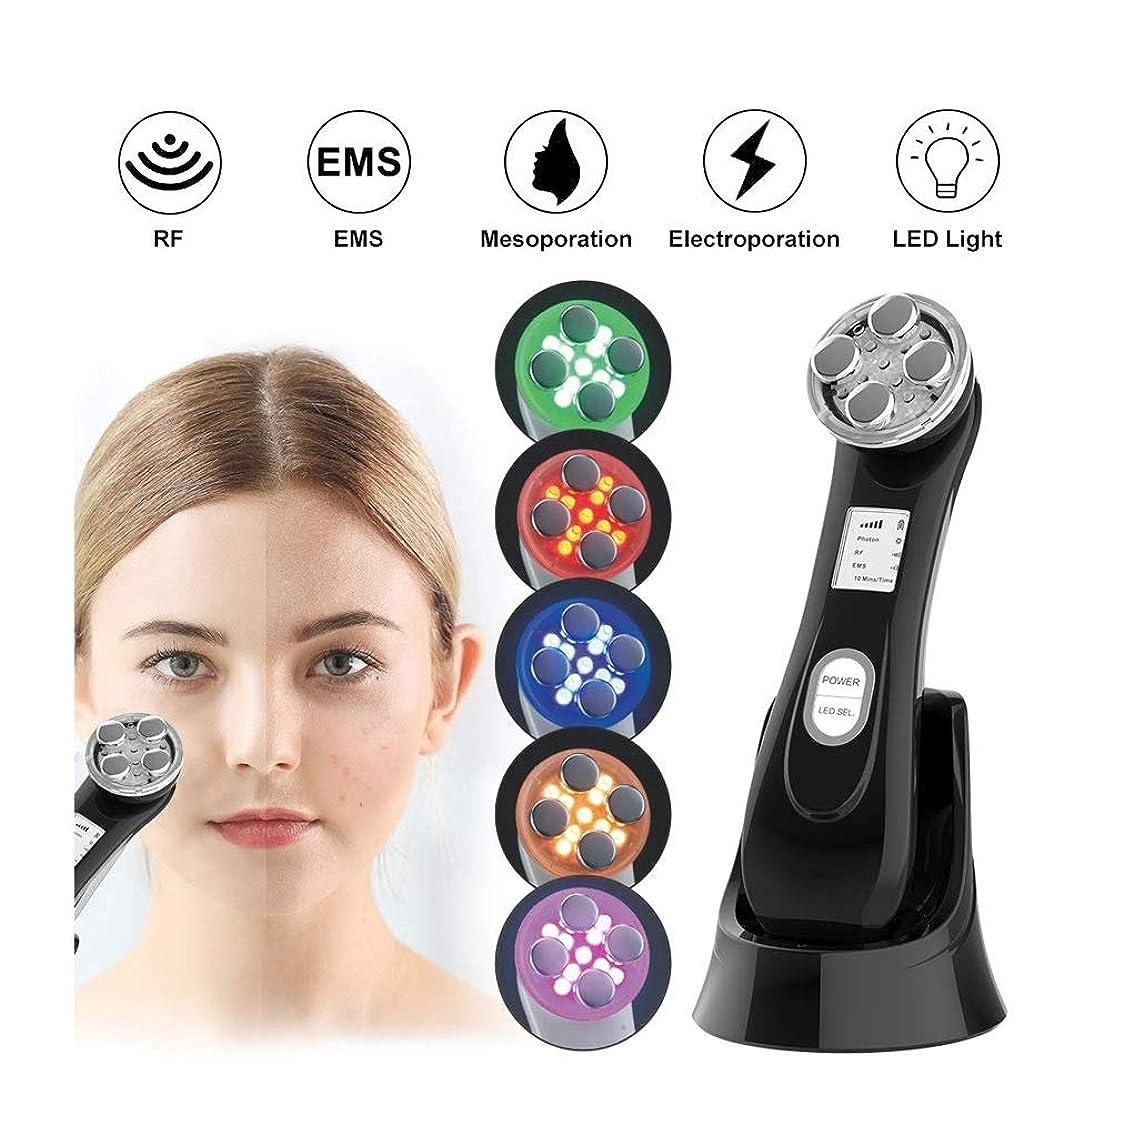 レクリエーション頂点アイスクリームハンディマッサージャー RFの美の器械、1つのRFの美の反老化の反アクネの顔の引き締まる美機械に付きしわ機械6つ高周波USB再充電可能なEMS超音波LEDの顔のスキンケア